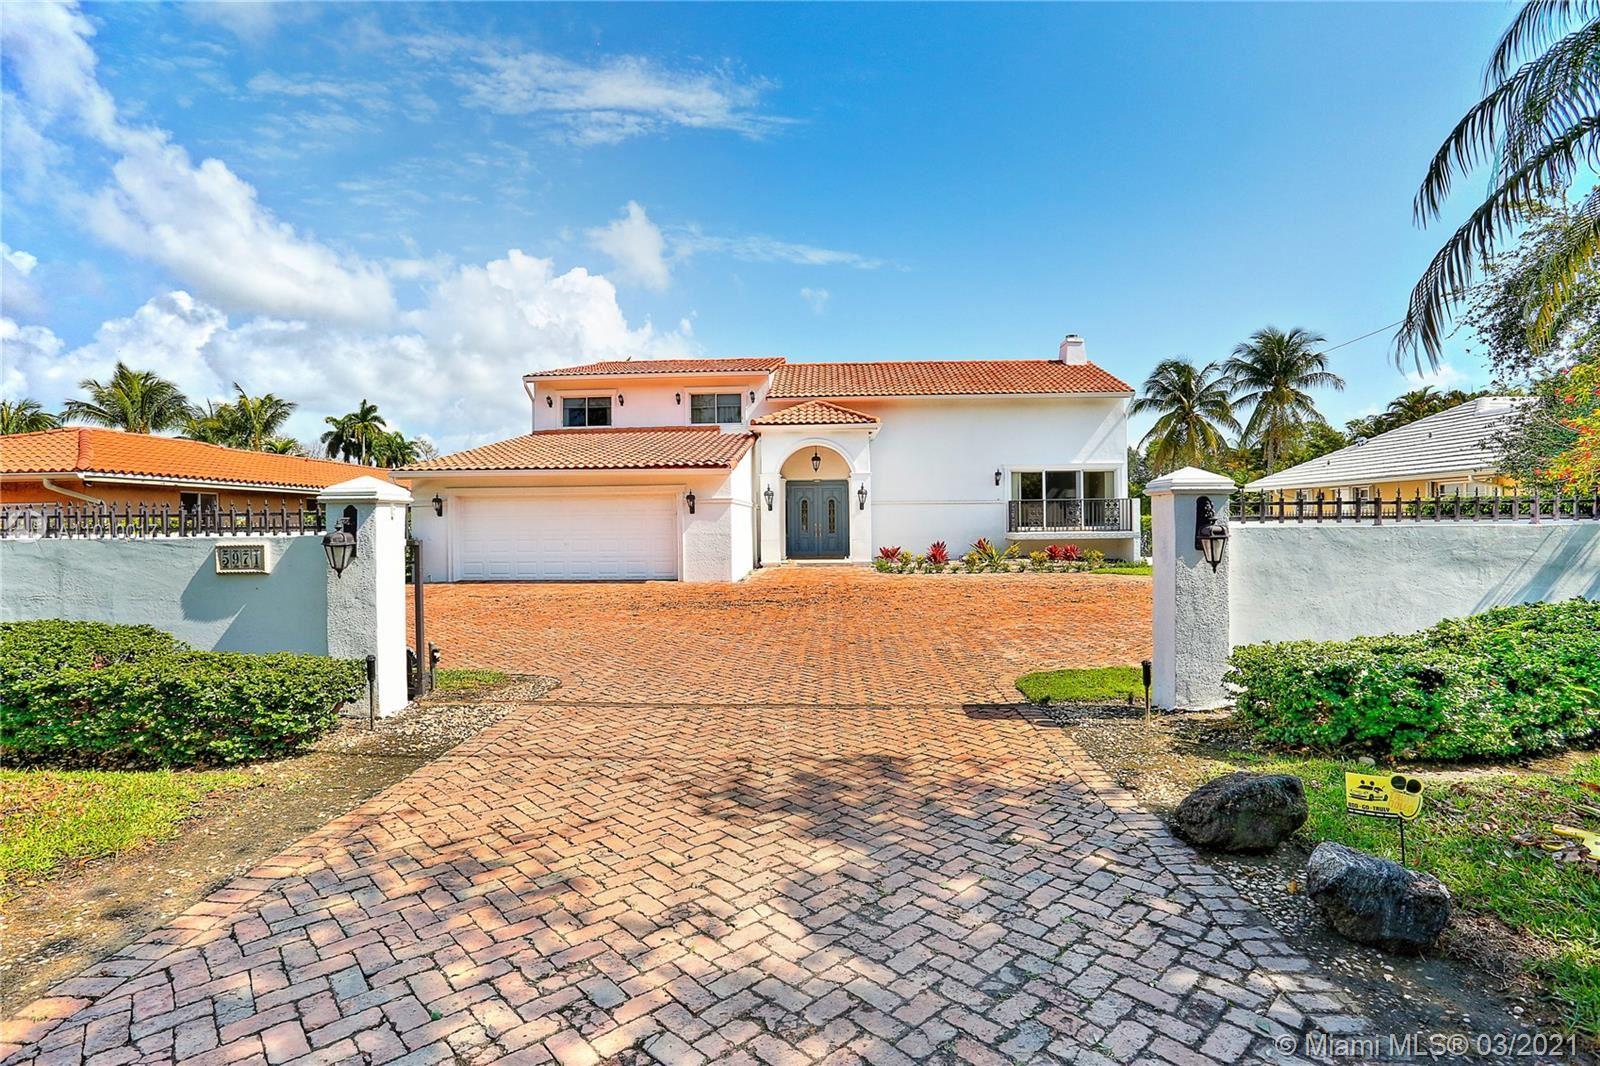 5971 SW 88 St, South Miami, FL 33156 - #: A11010017